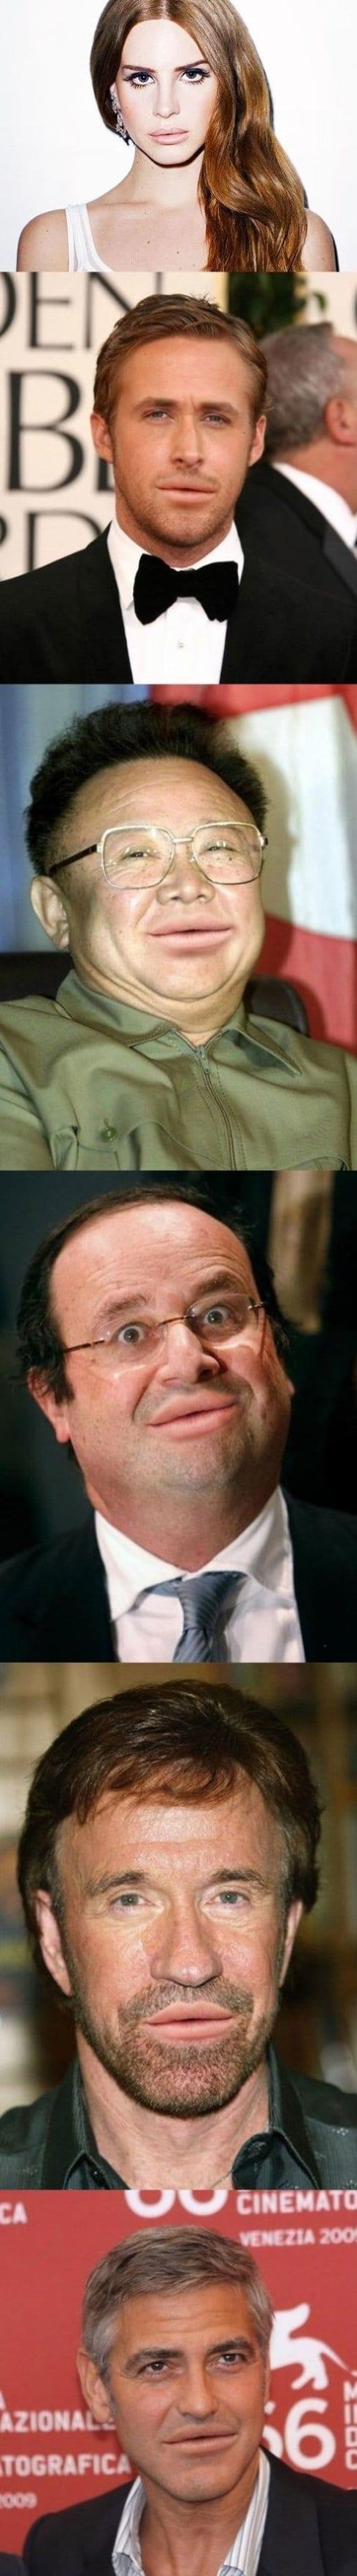 funny-lana-del-rey-lips